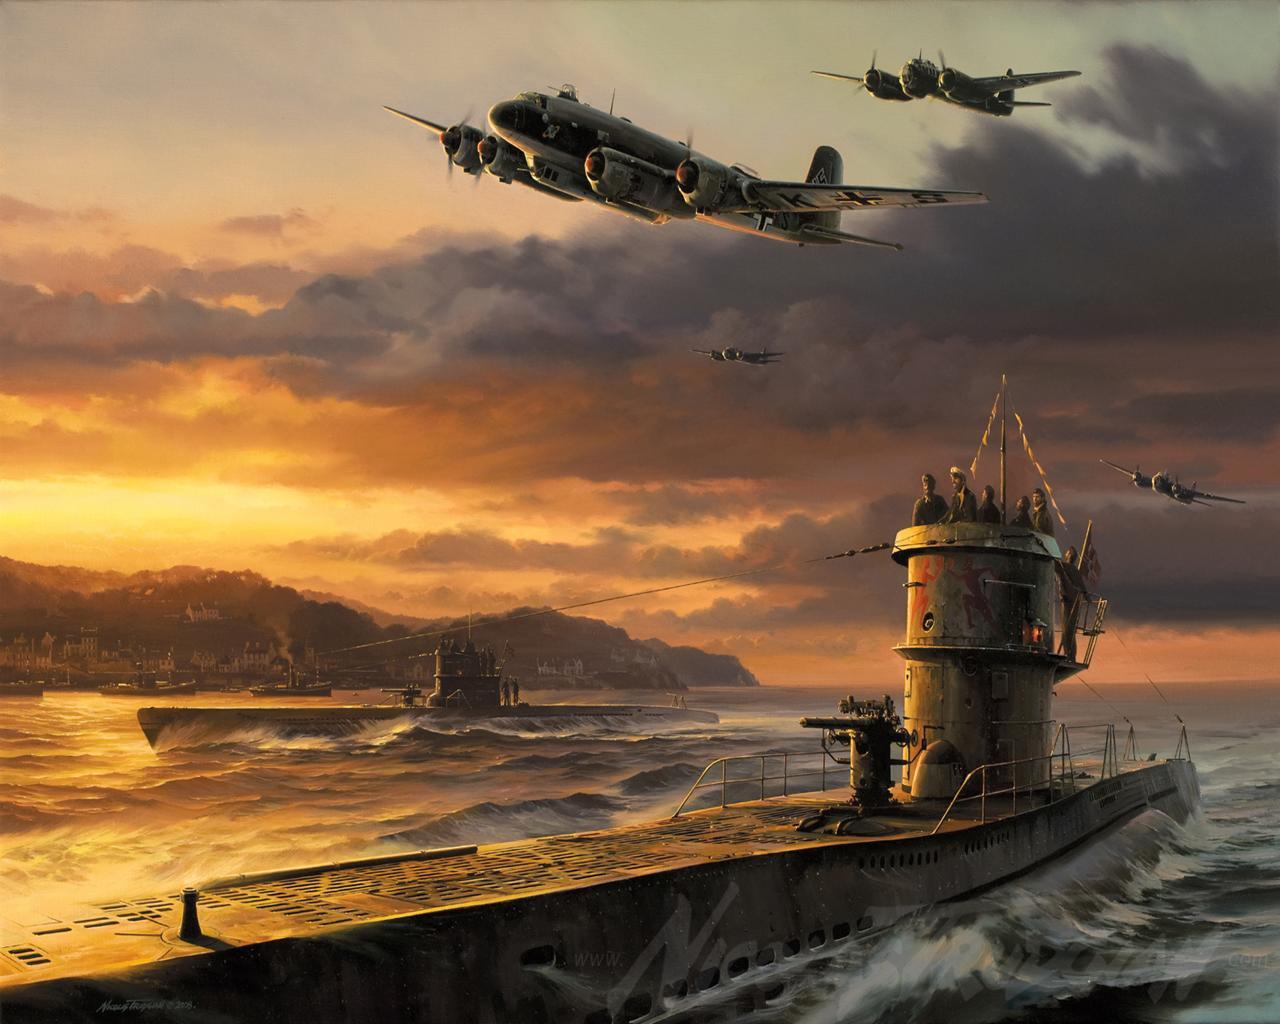 Submarine Computer Wallpapers Desktop Backgrounds 1280x1024